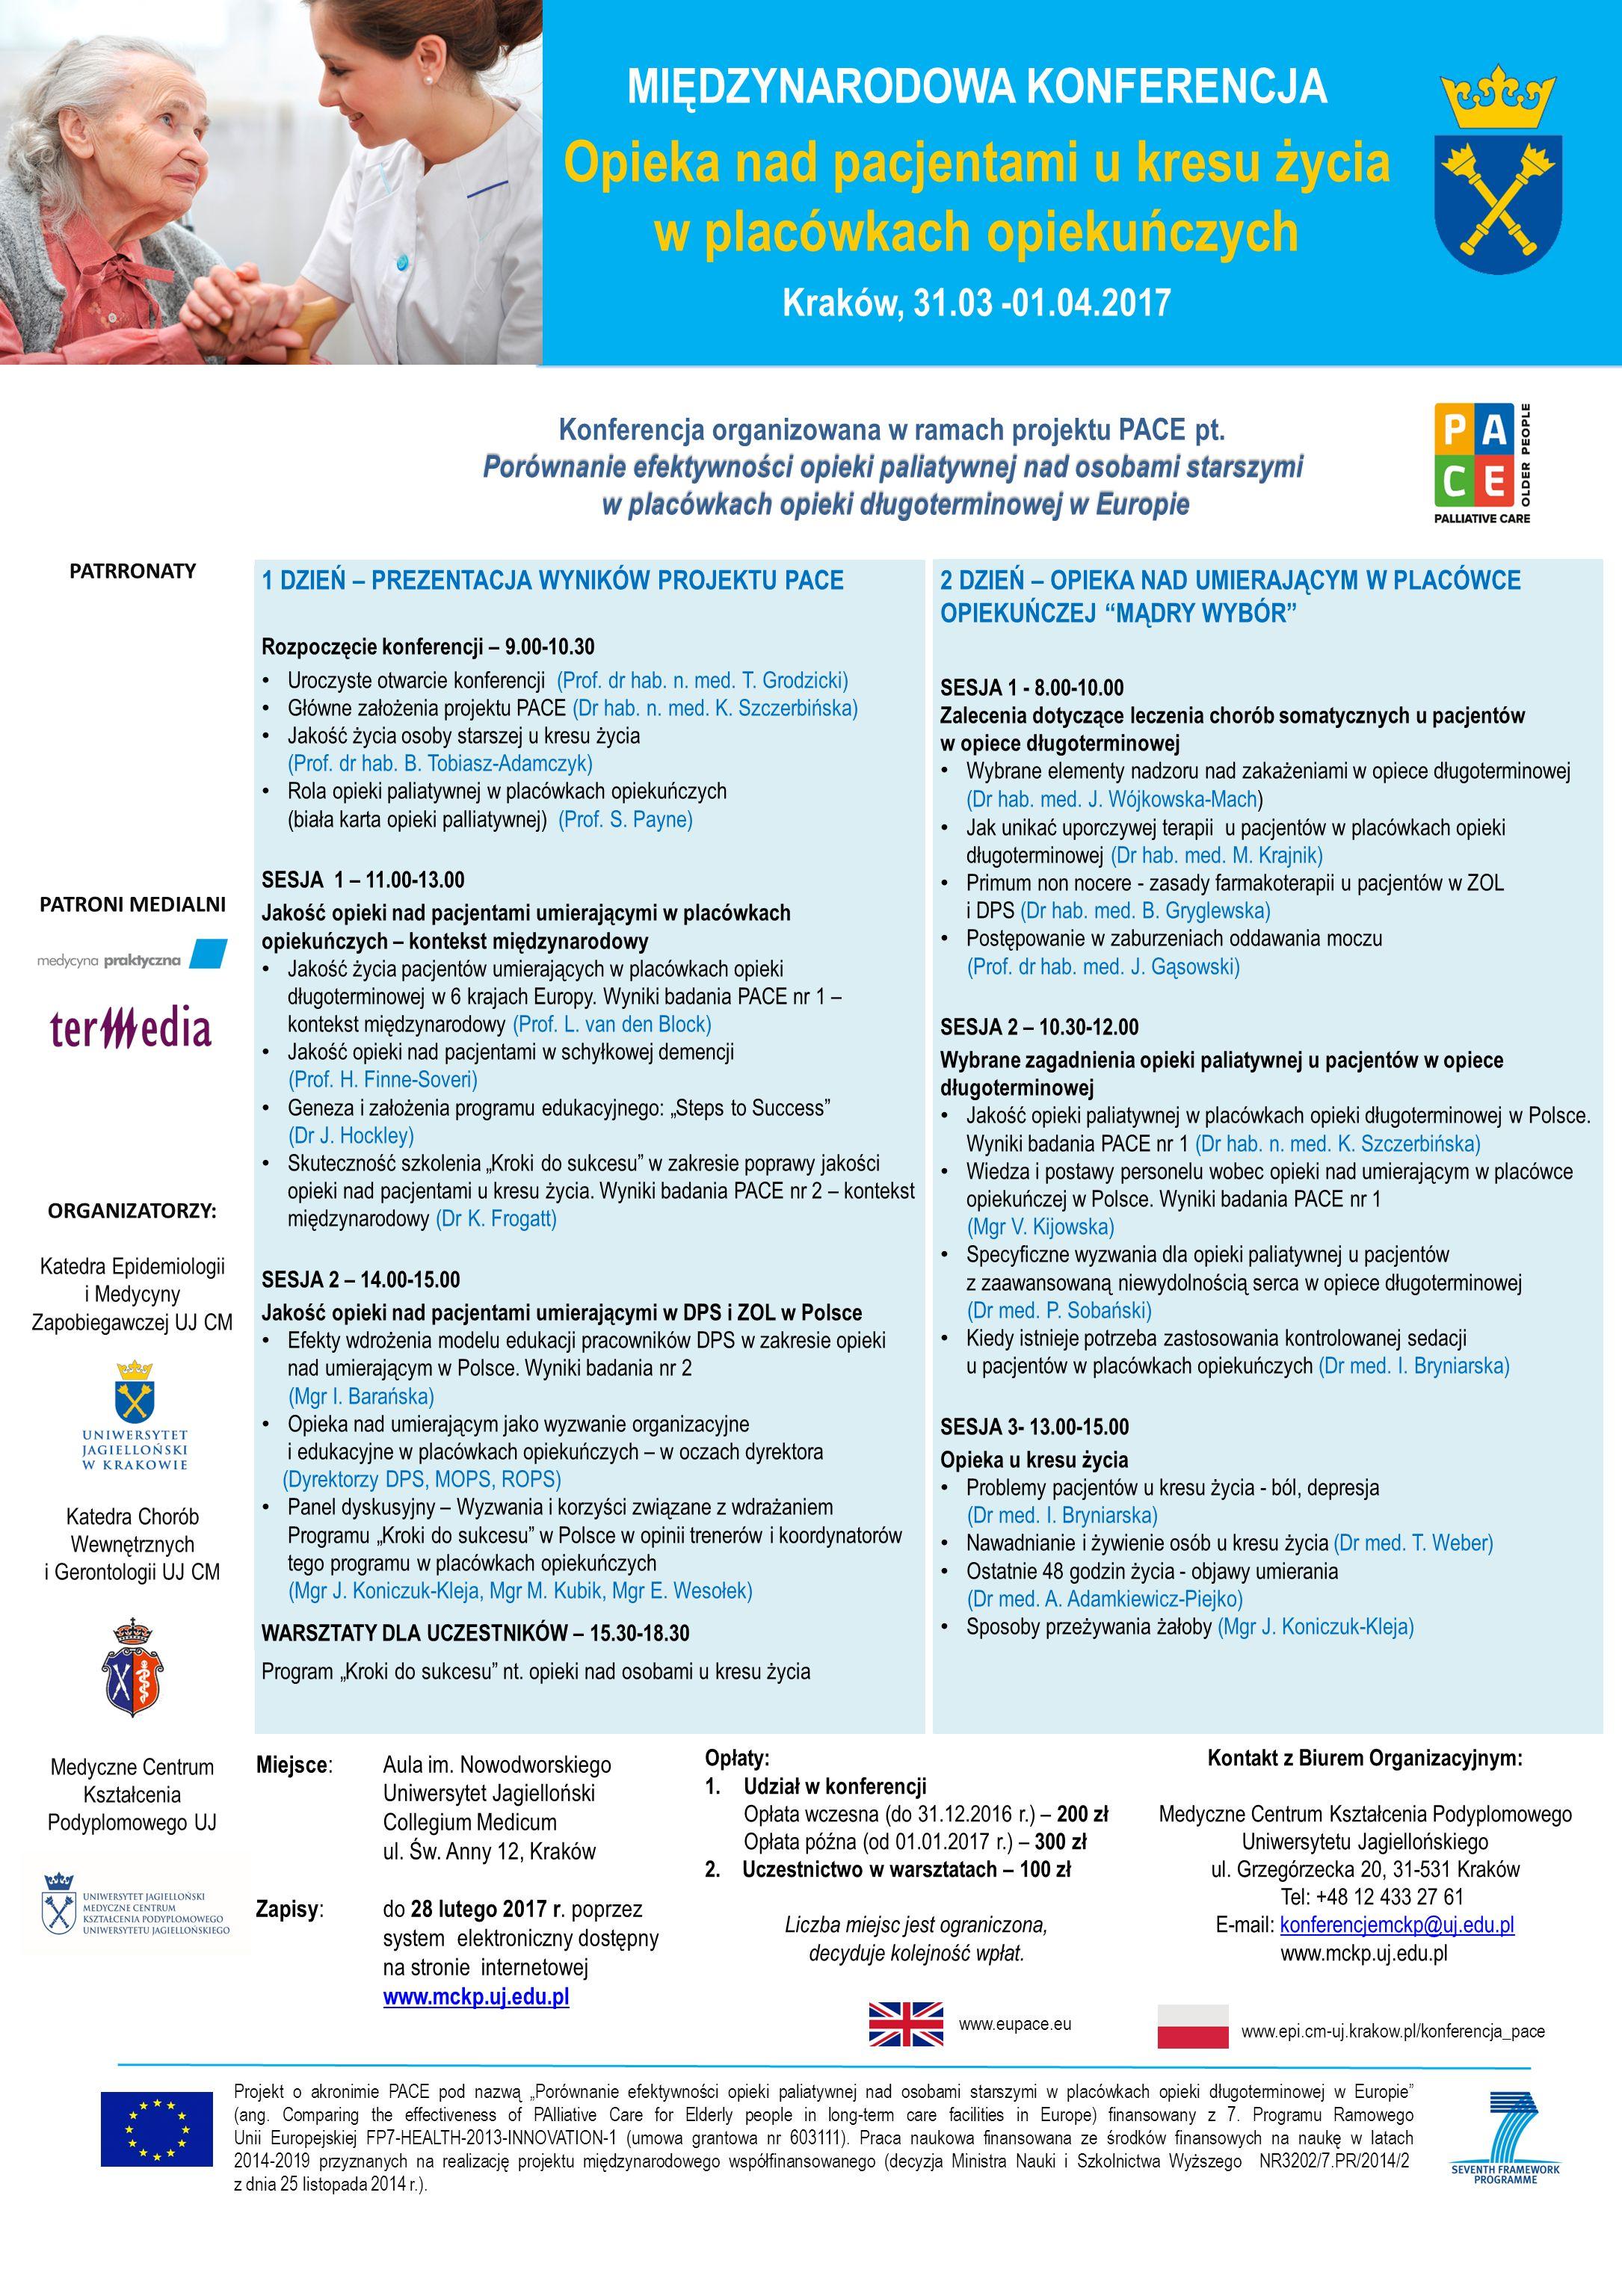 Porównanie efektywności opieki paliatywnej nad osobami starszymi Konferencja organizowana w ramach projektu PACE pt.